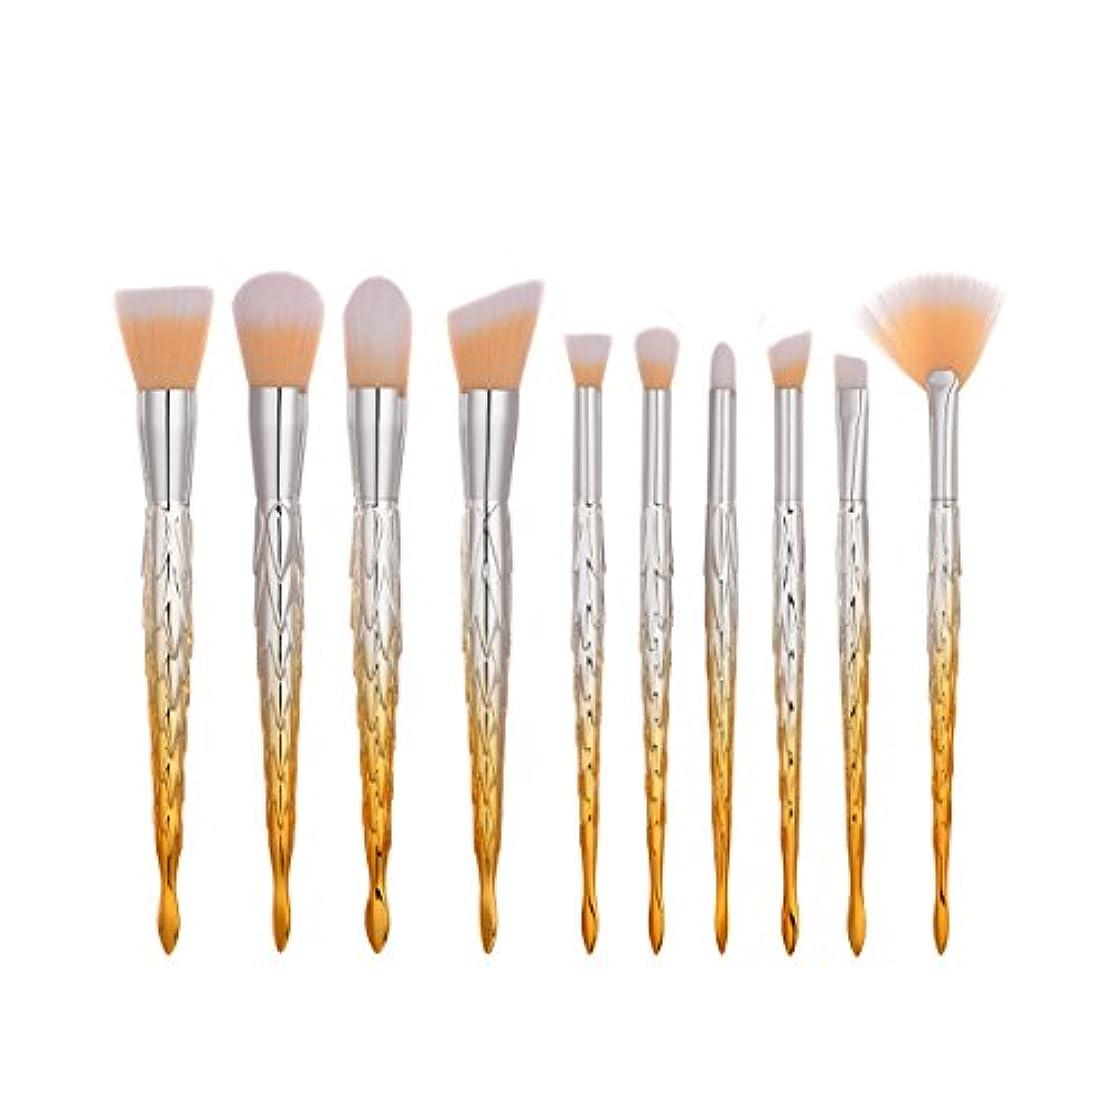 混雑ベル反逆ディラビューティー(Dilla Beauty) 10本セットカラフルなマーメイドメイクブラシセットプラスチックハンドル魚ブラシプロフェッショナルフェイスメイクアップブレンダースポンジパフブラシユニークなレインボーブラシ、ティーンズガールズ女性のための格安プライム (オレンジ - ホワイト)